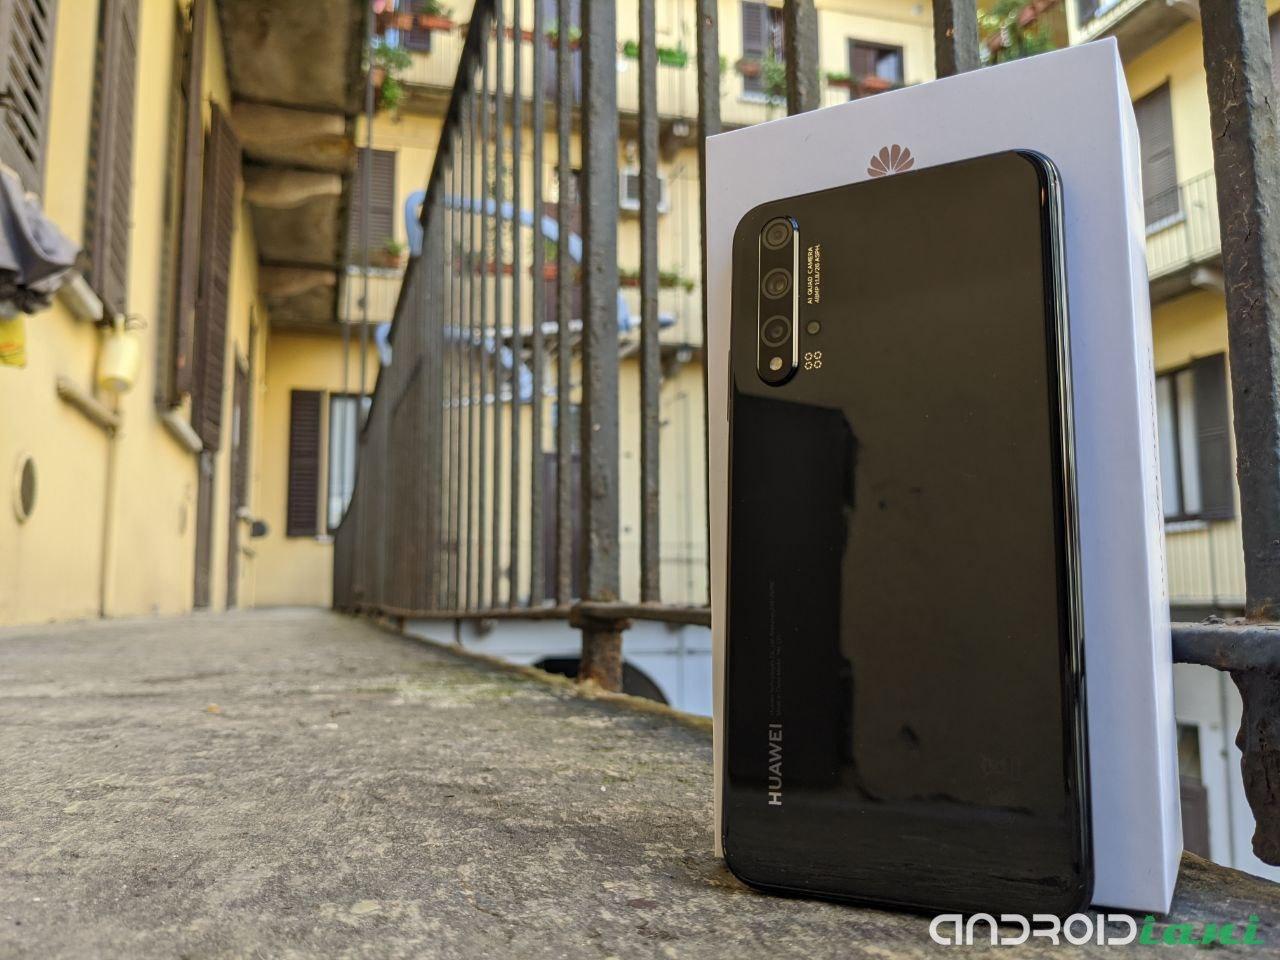 Huawei Nova 5T: النطاق المتوسط الذي يعتقد أنه الأفضل | مراجعة 1